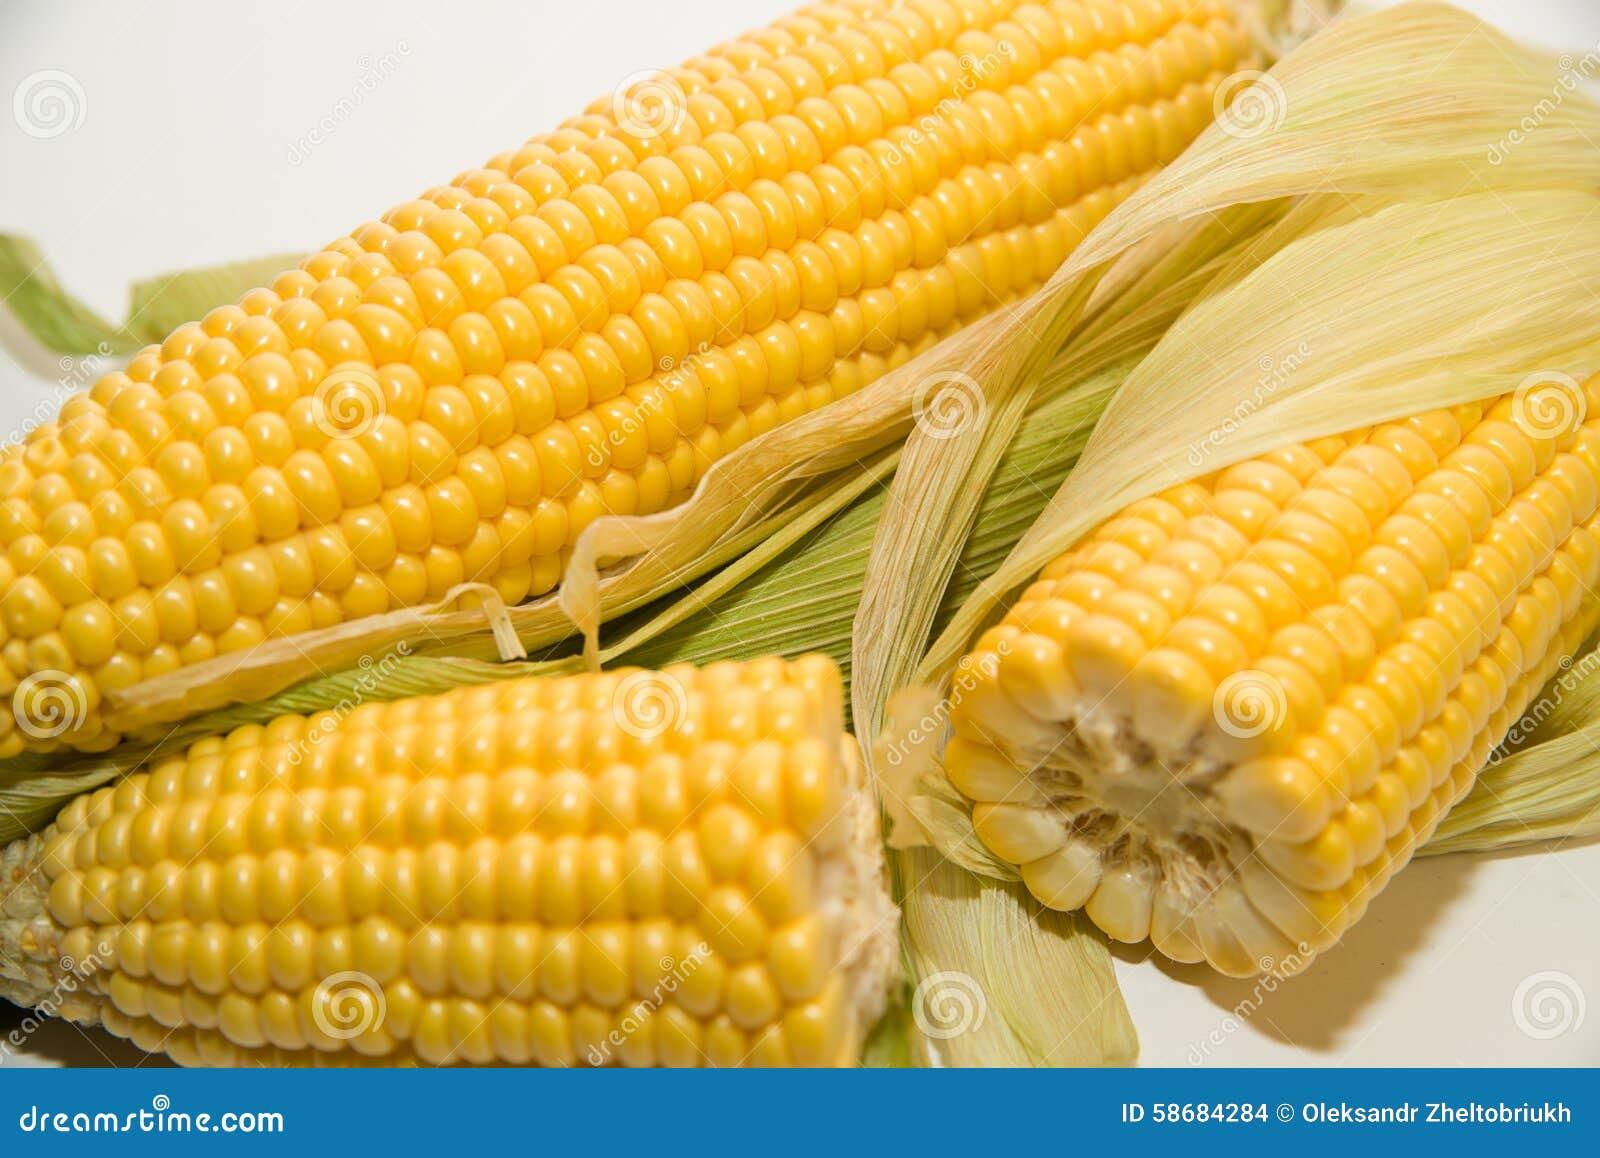 一些个成熟玉米穗在白色.图片